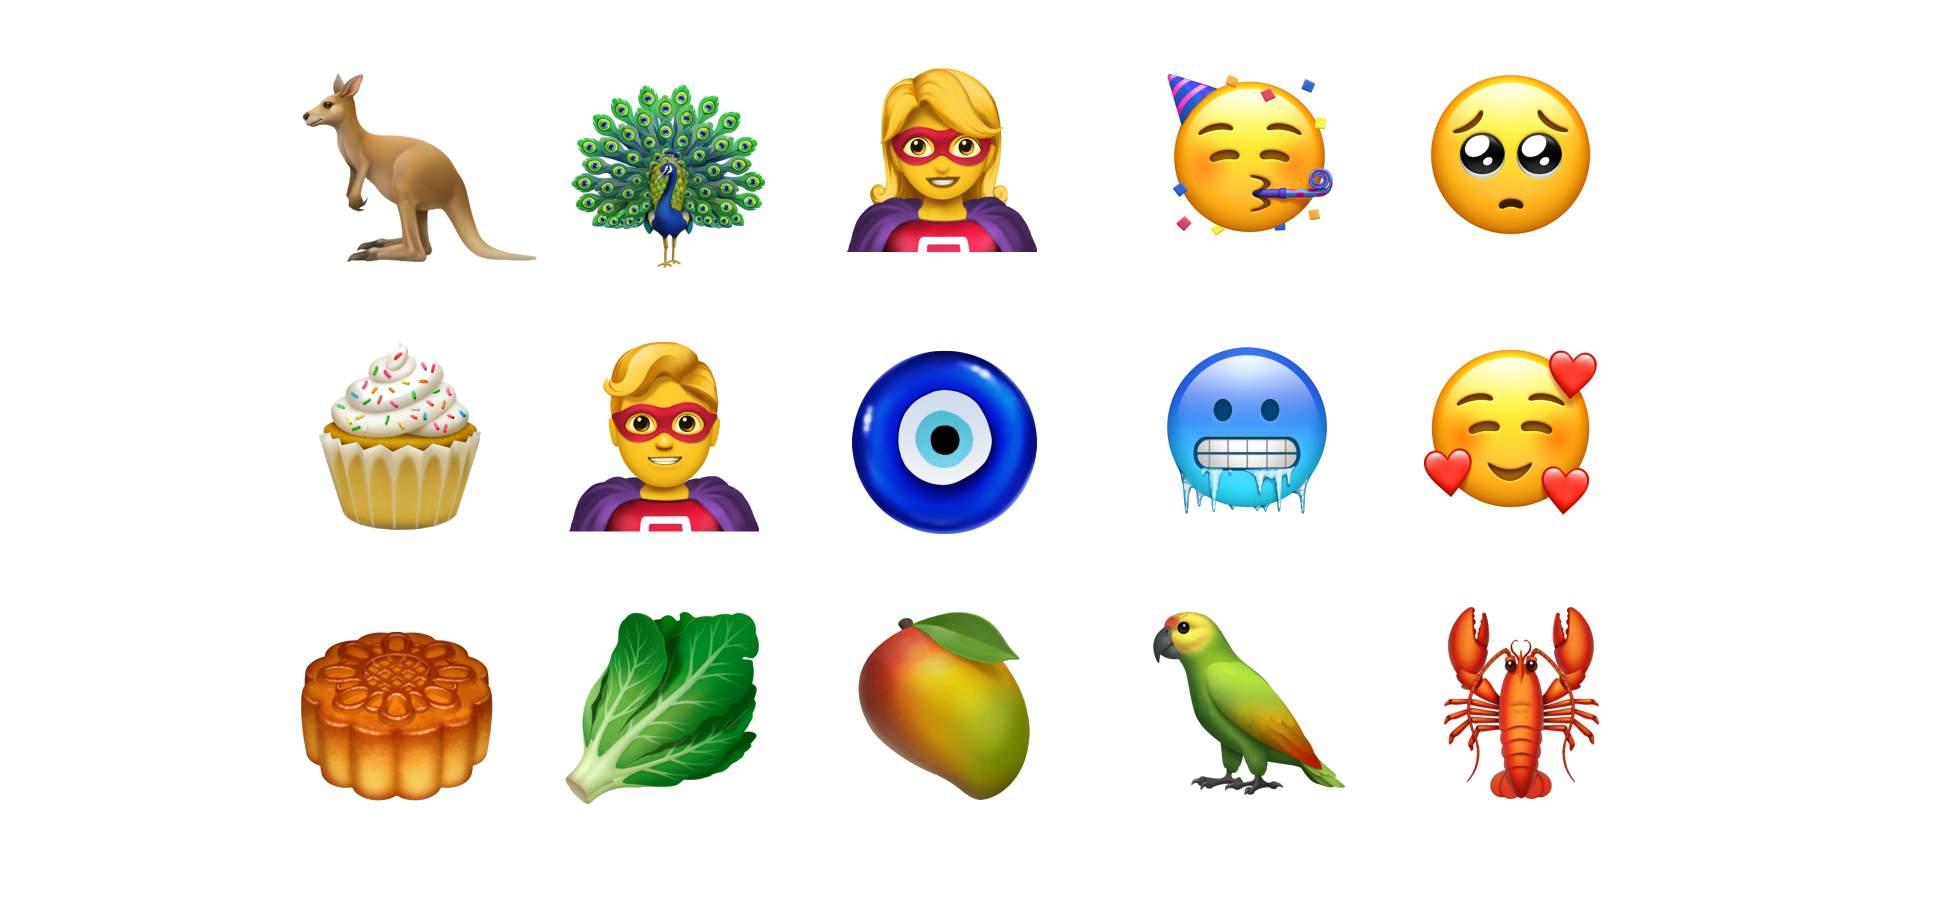 Apple añade 70 nuevos emoji a sus dispositivos